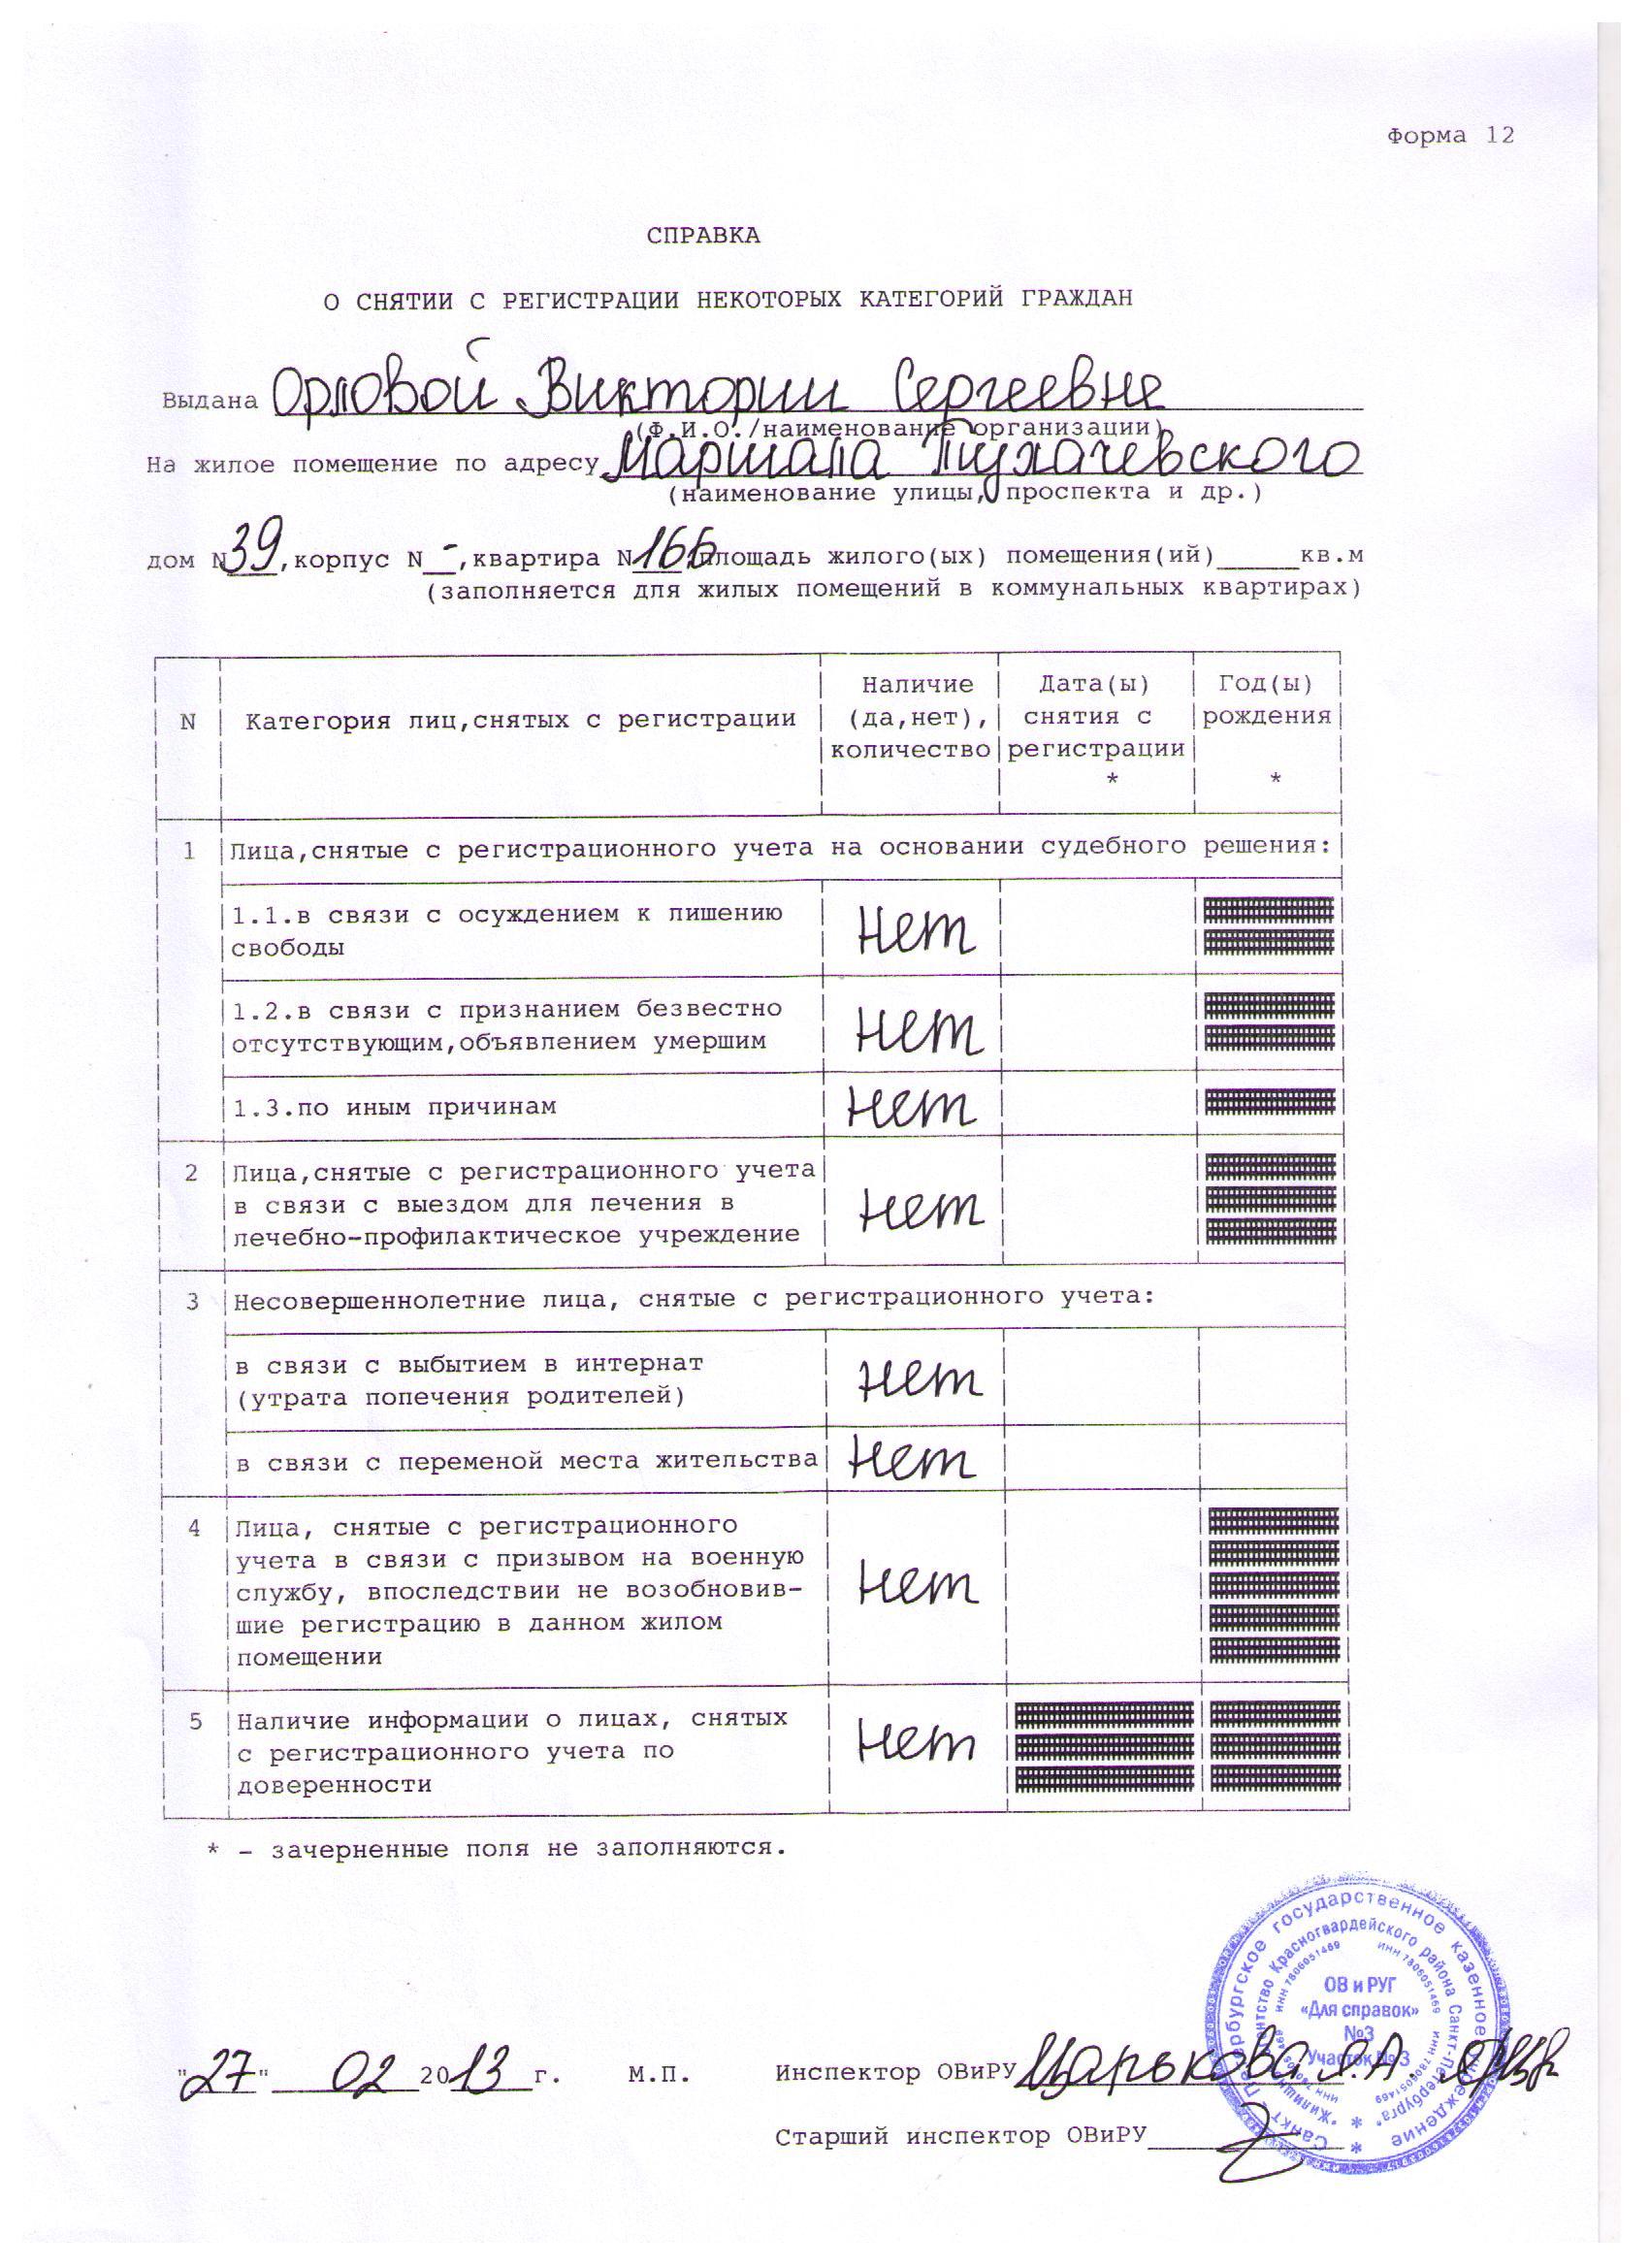 Справка о снятии с регистрации